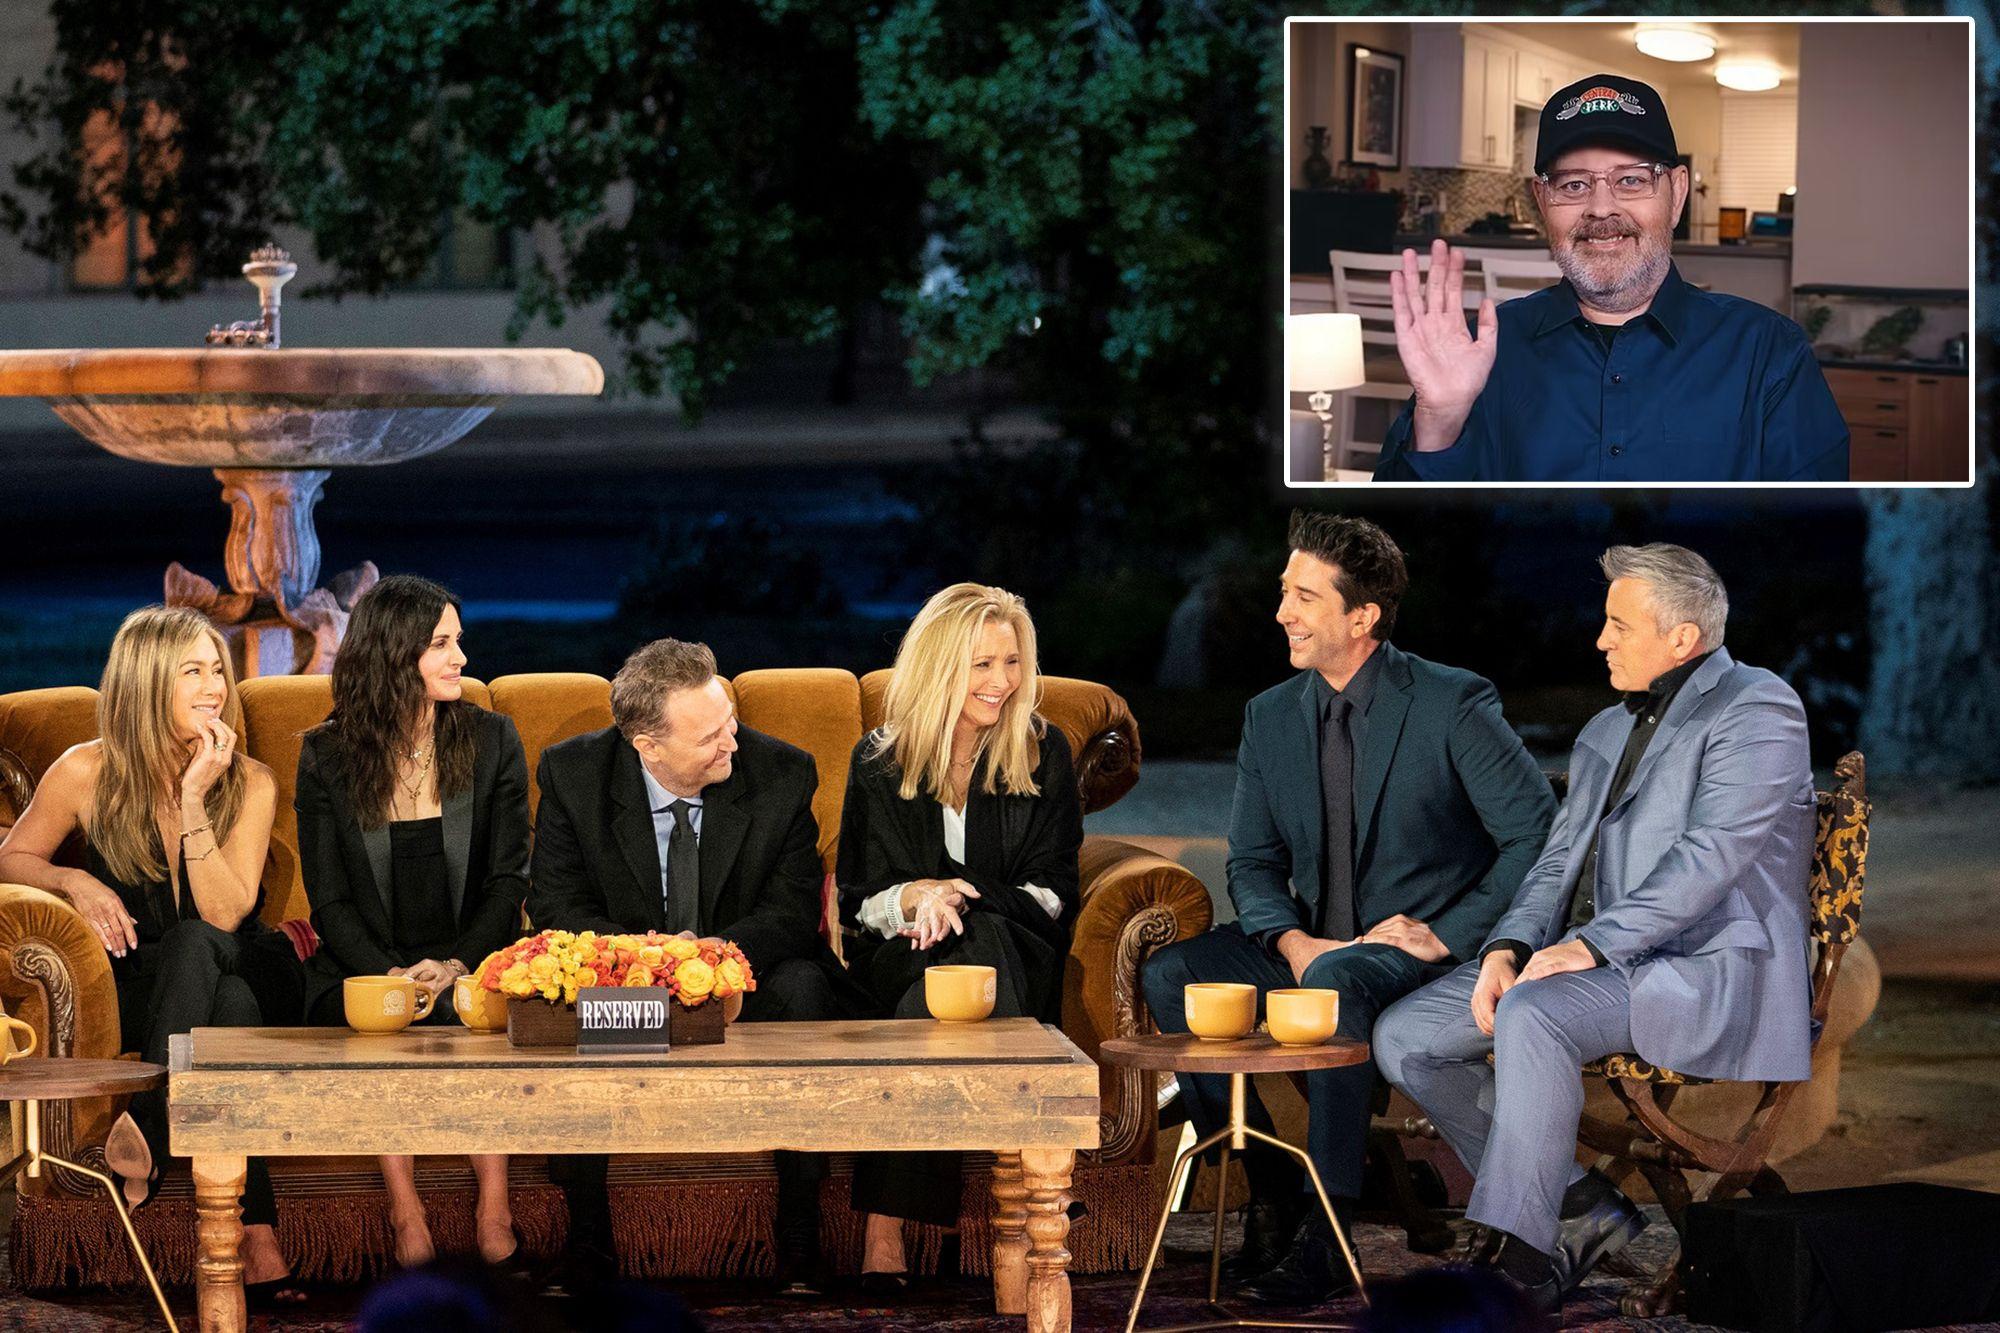 جیمز مایکل تایلر بازیگر سریال نوستالژیک Friends که در این سریال نقش گانتر، گارسن سنترال پارک، را بازی می کرد می گوید که به سرطان مرحله چهارم پروستات مبتلا شده است.